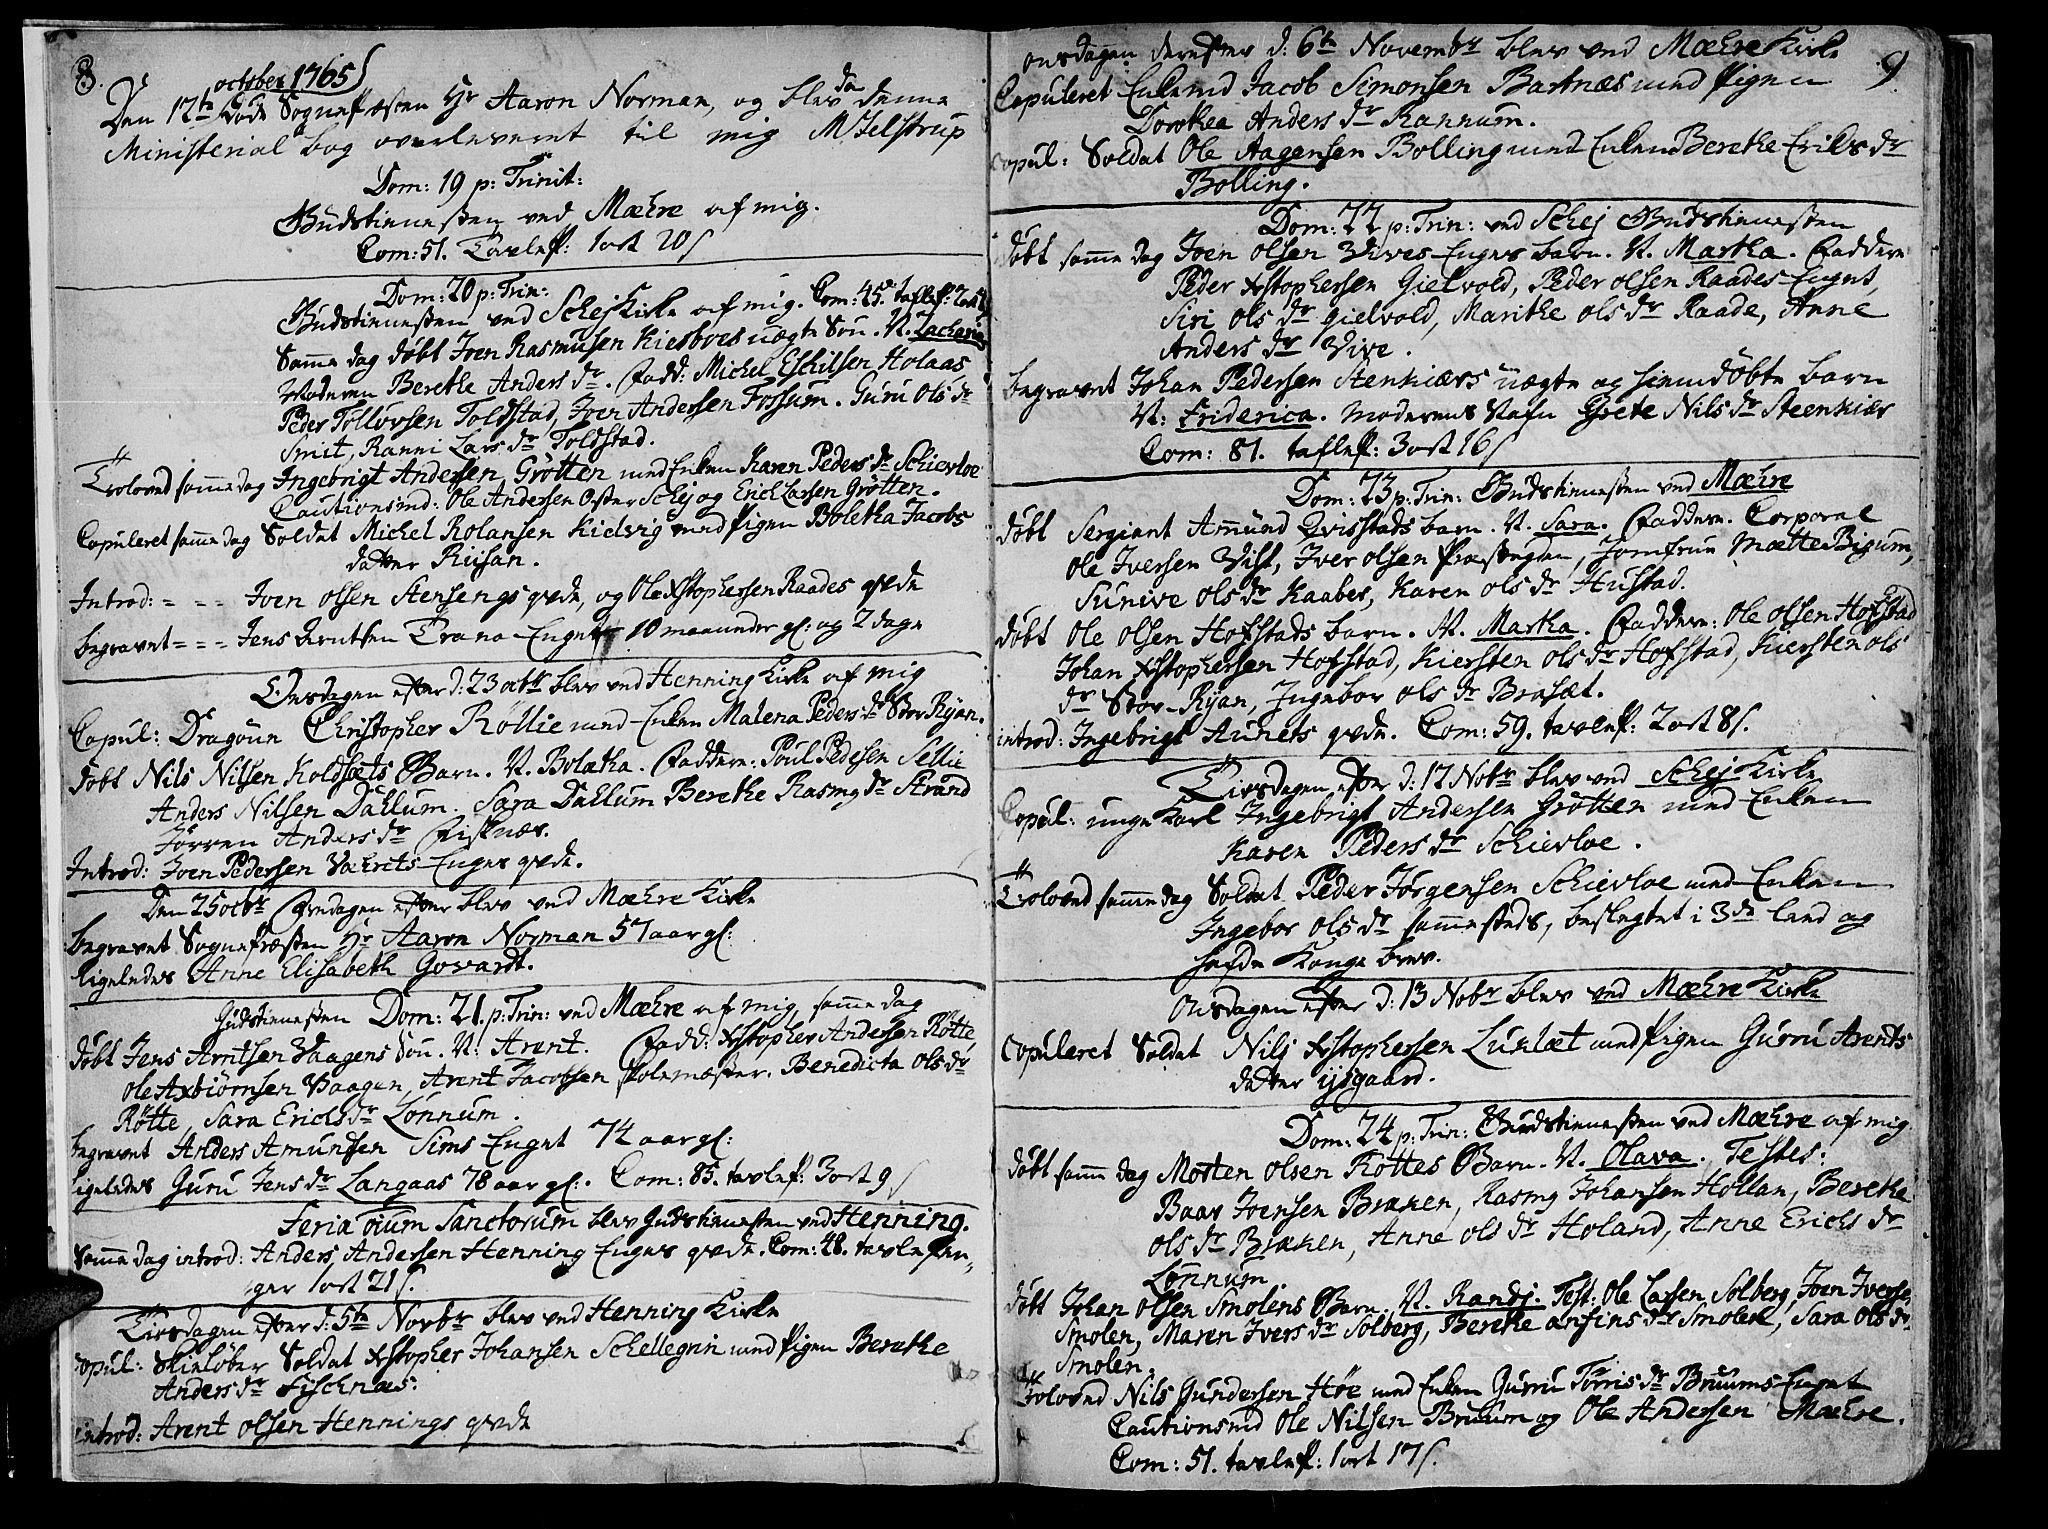 SAT, Ministerialprotokoller, klokkerbøker og fødselsregistre - Nord-Trøndelag, 735/L0331: Ministerialbok nr. 735A02, 1762-1794, s. 8-9